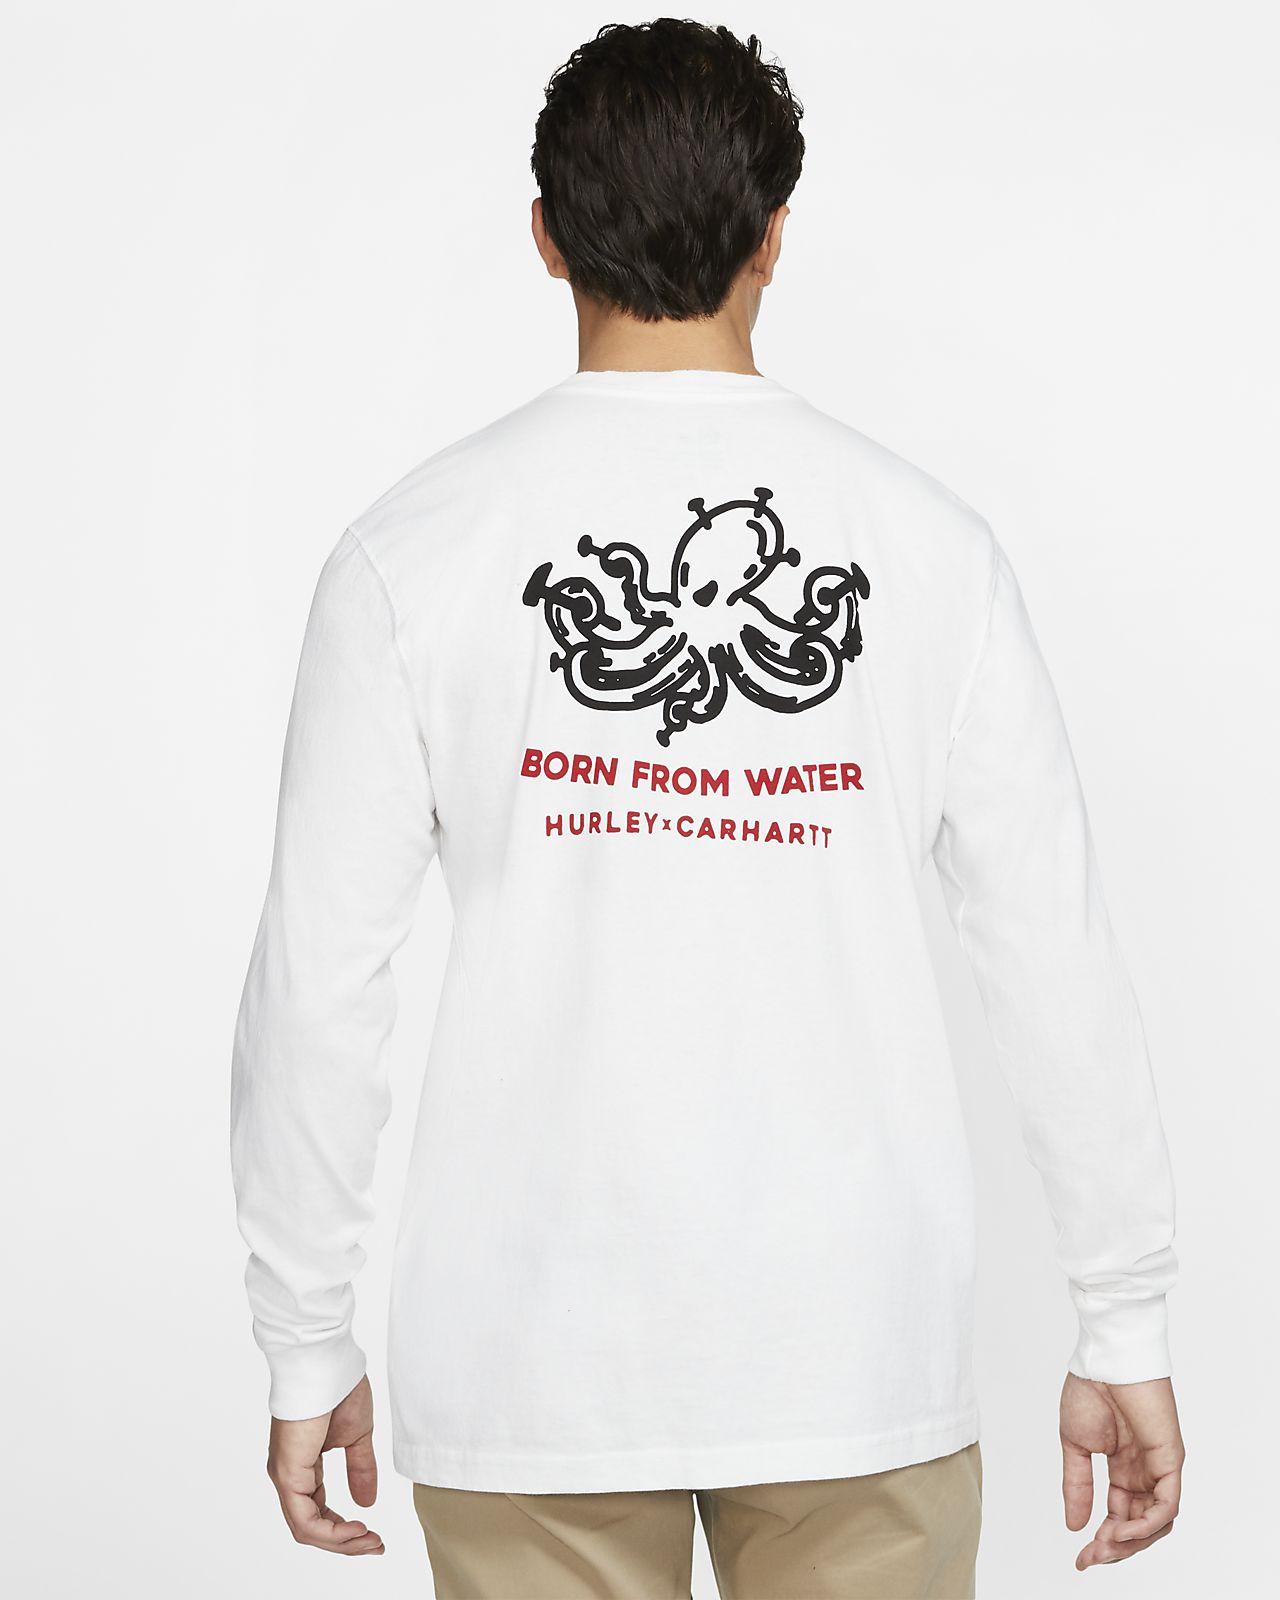 Hurley x Carhartt Outwork Men's Long-Sleeve T-Shirt